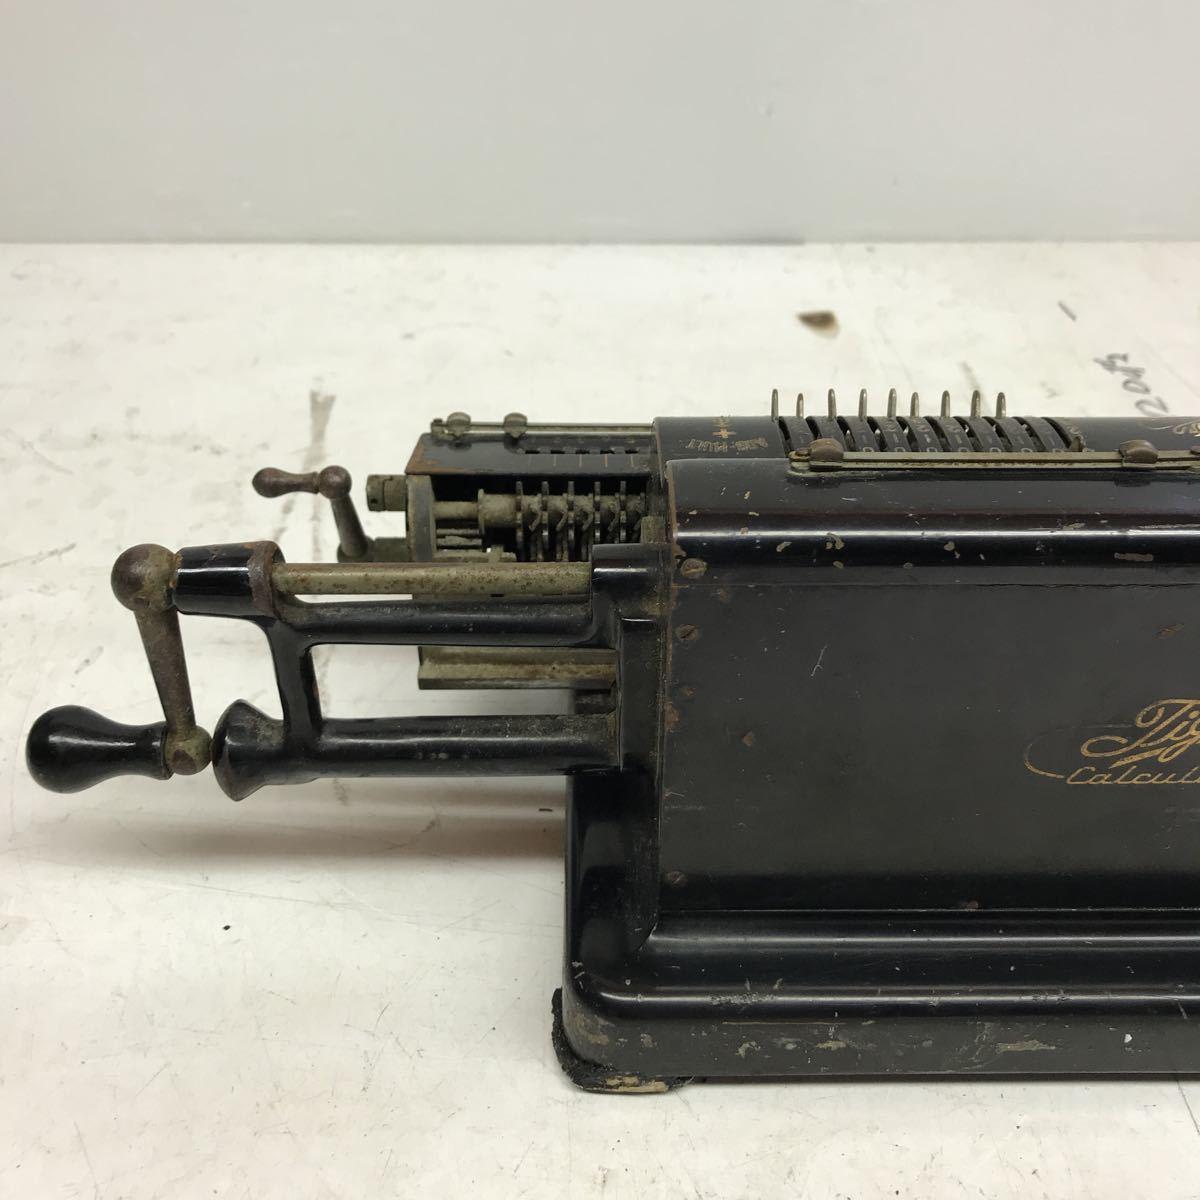 Tiger calculator タイガー計算機手回し 黒 ブラック 昭和レトロ タイガー 機械式計算機 アンティーク 手動式 _画像7